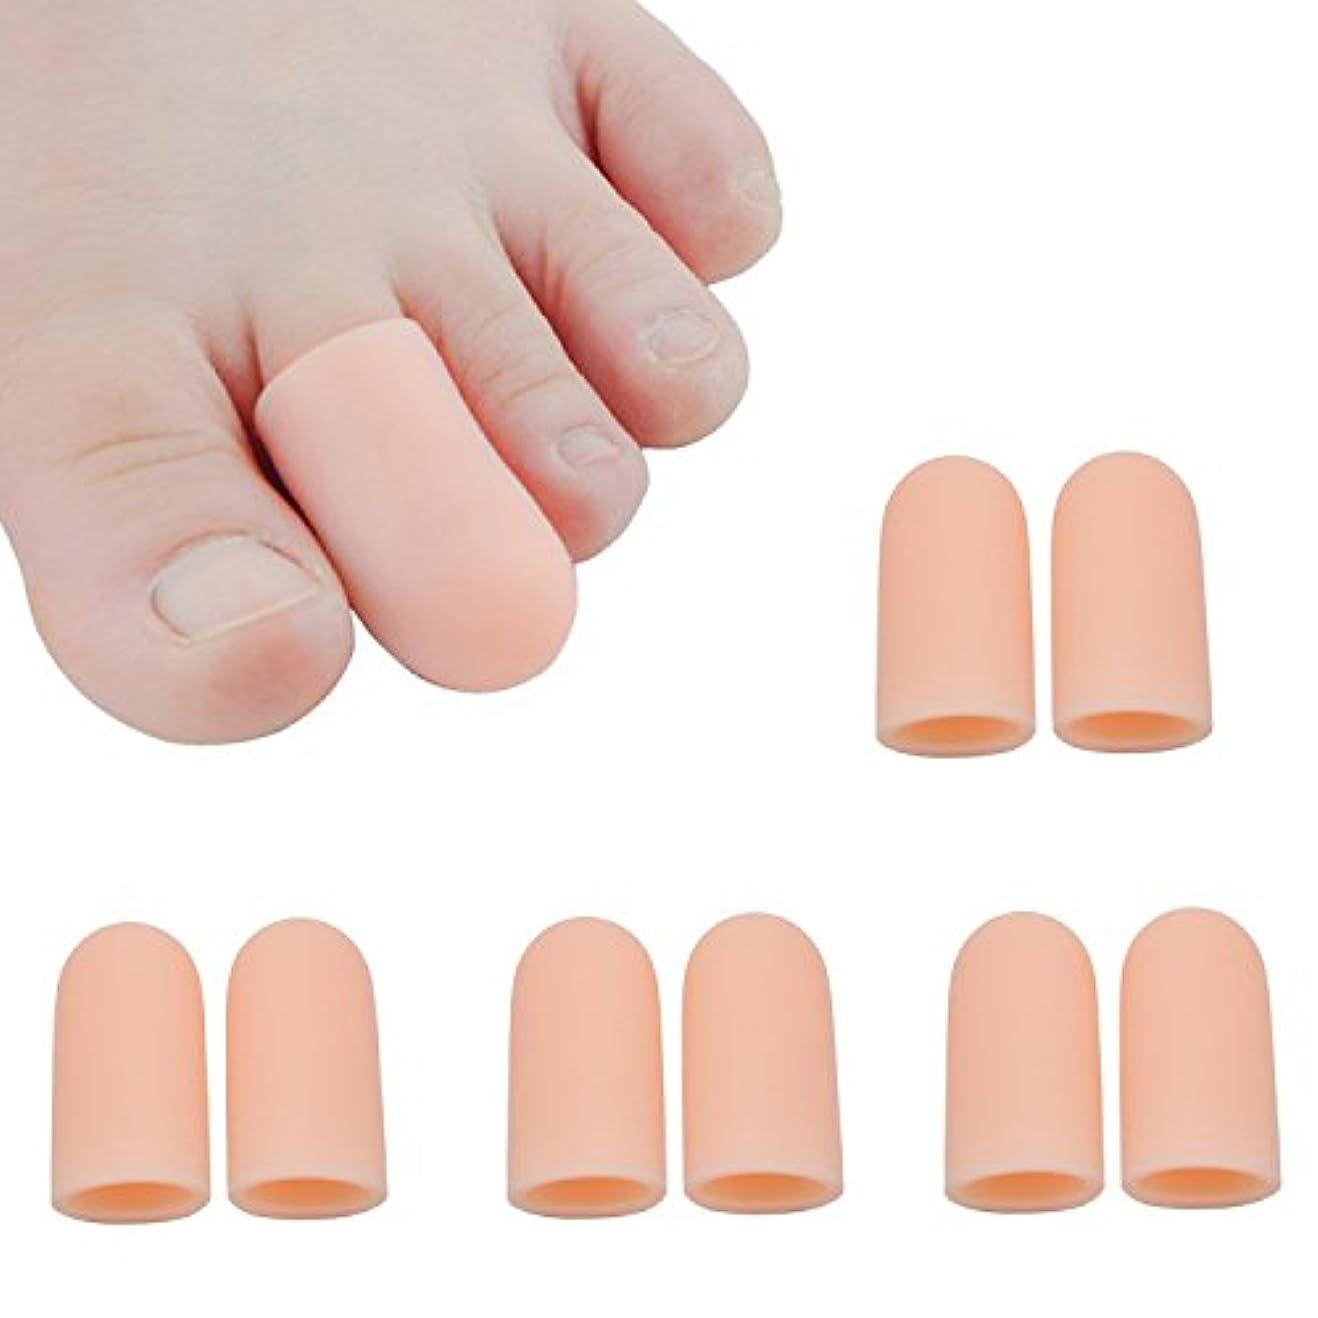 威する釈義アルバム足指保護キャップ つま先プロテクター 足先のつめ保護キャップ シリコン (肌の色)